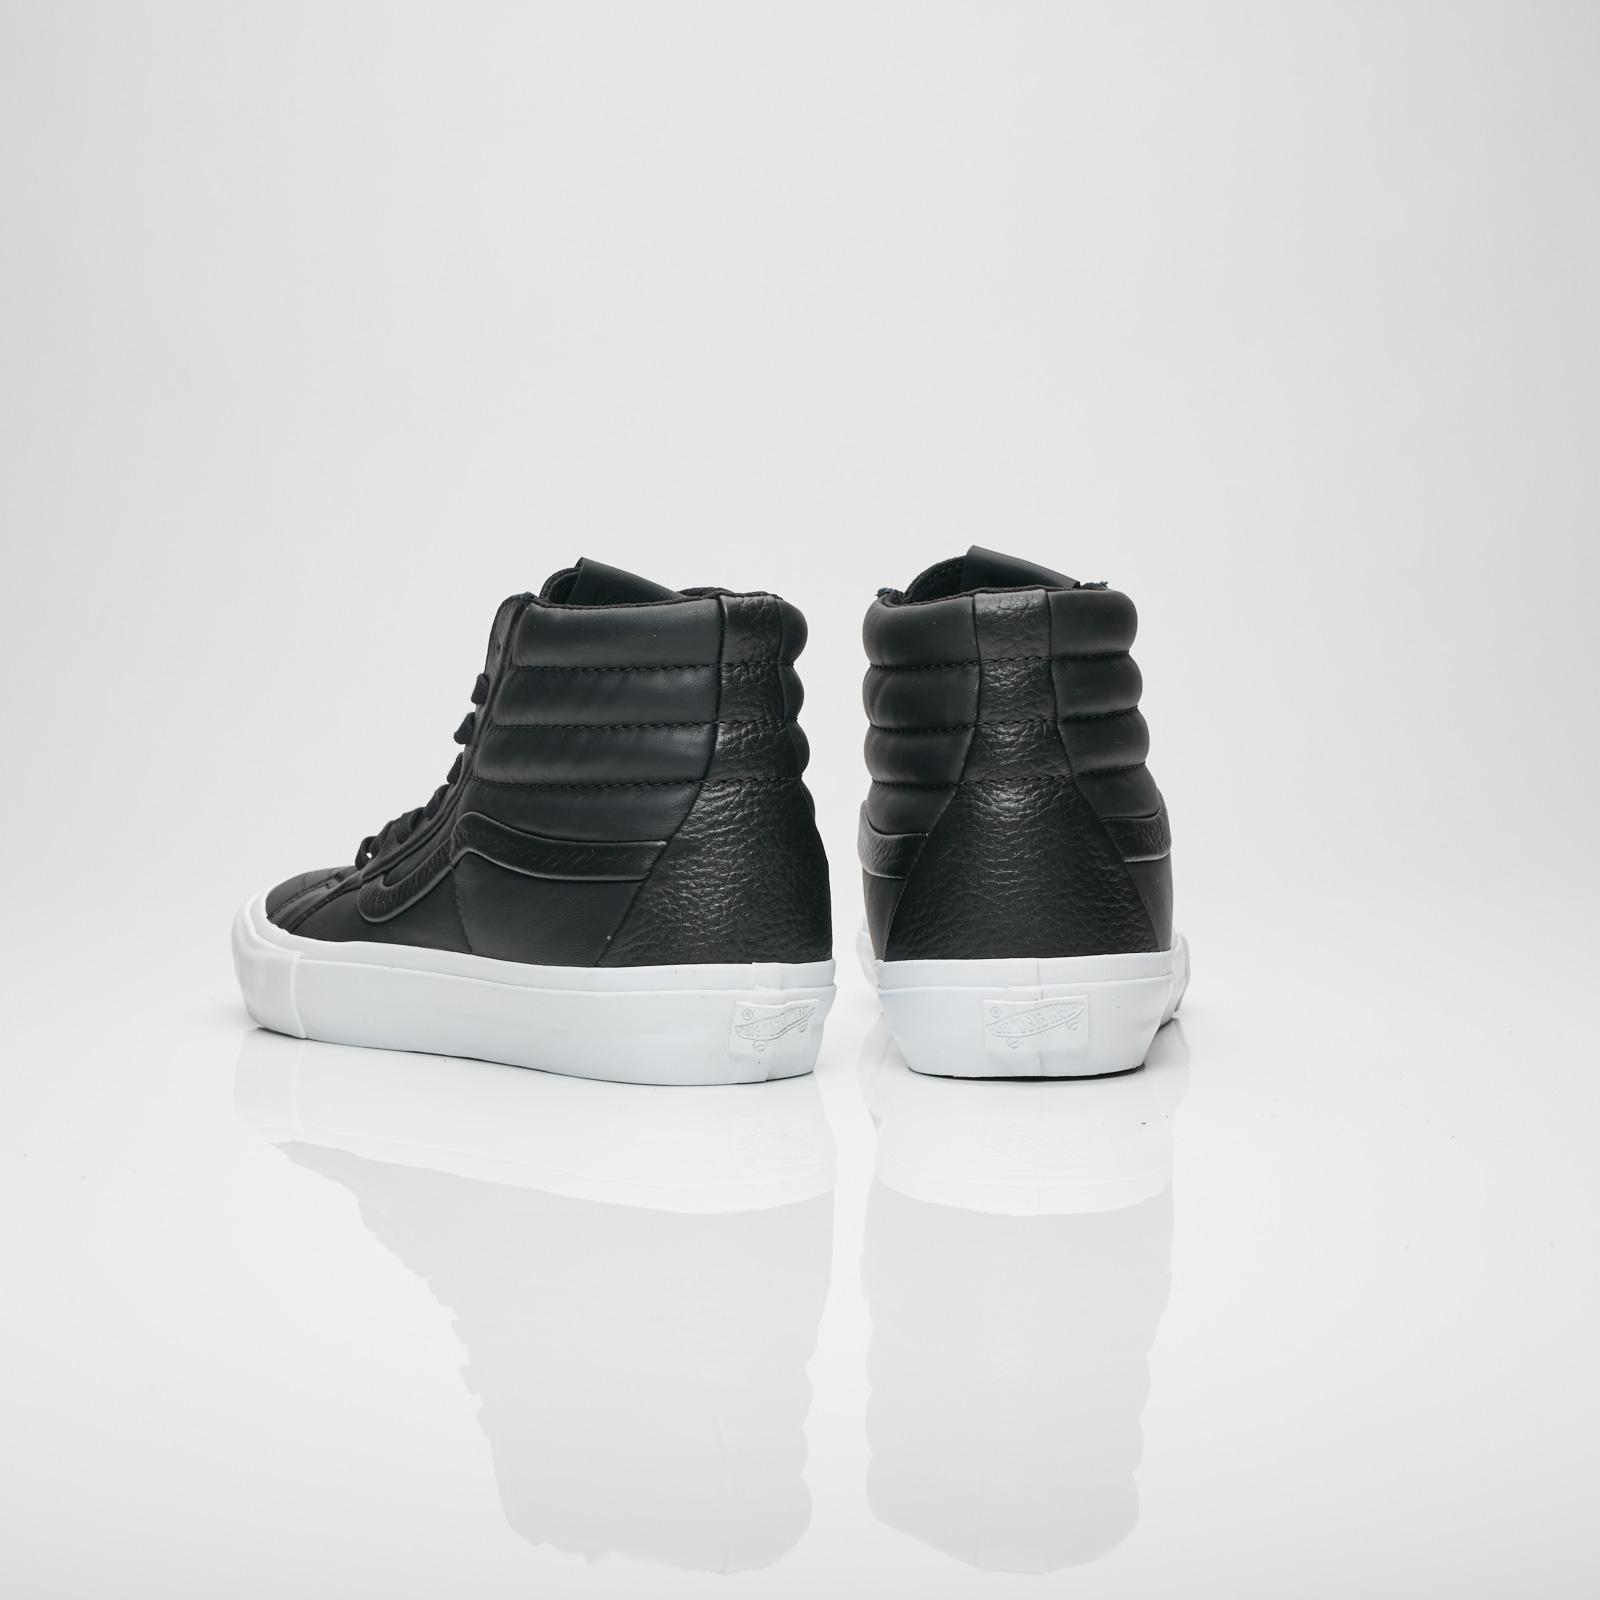 d46e1d40de Vans UA SK8-Hi Reissue ST LX - Vn0a3dpoew9 - Sneakersnstuff ...